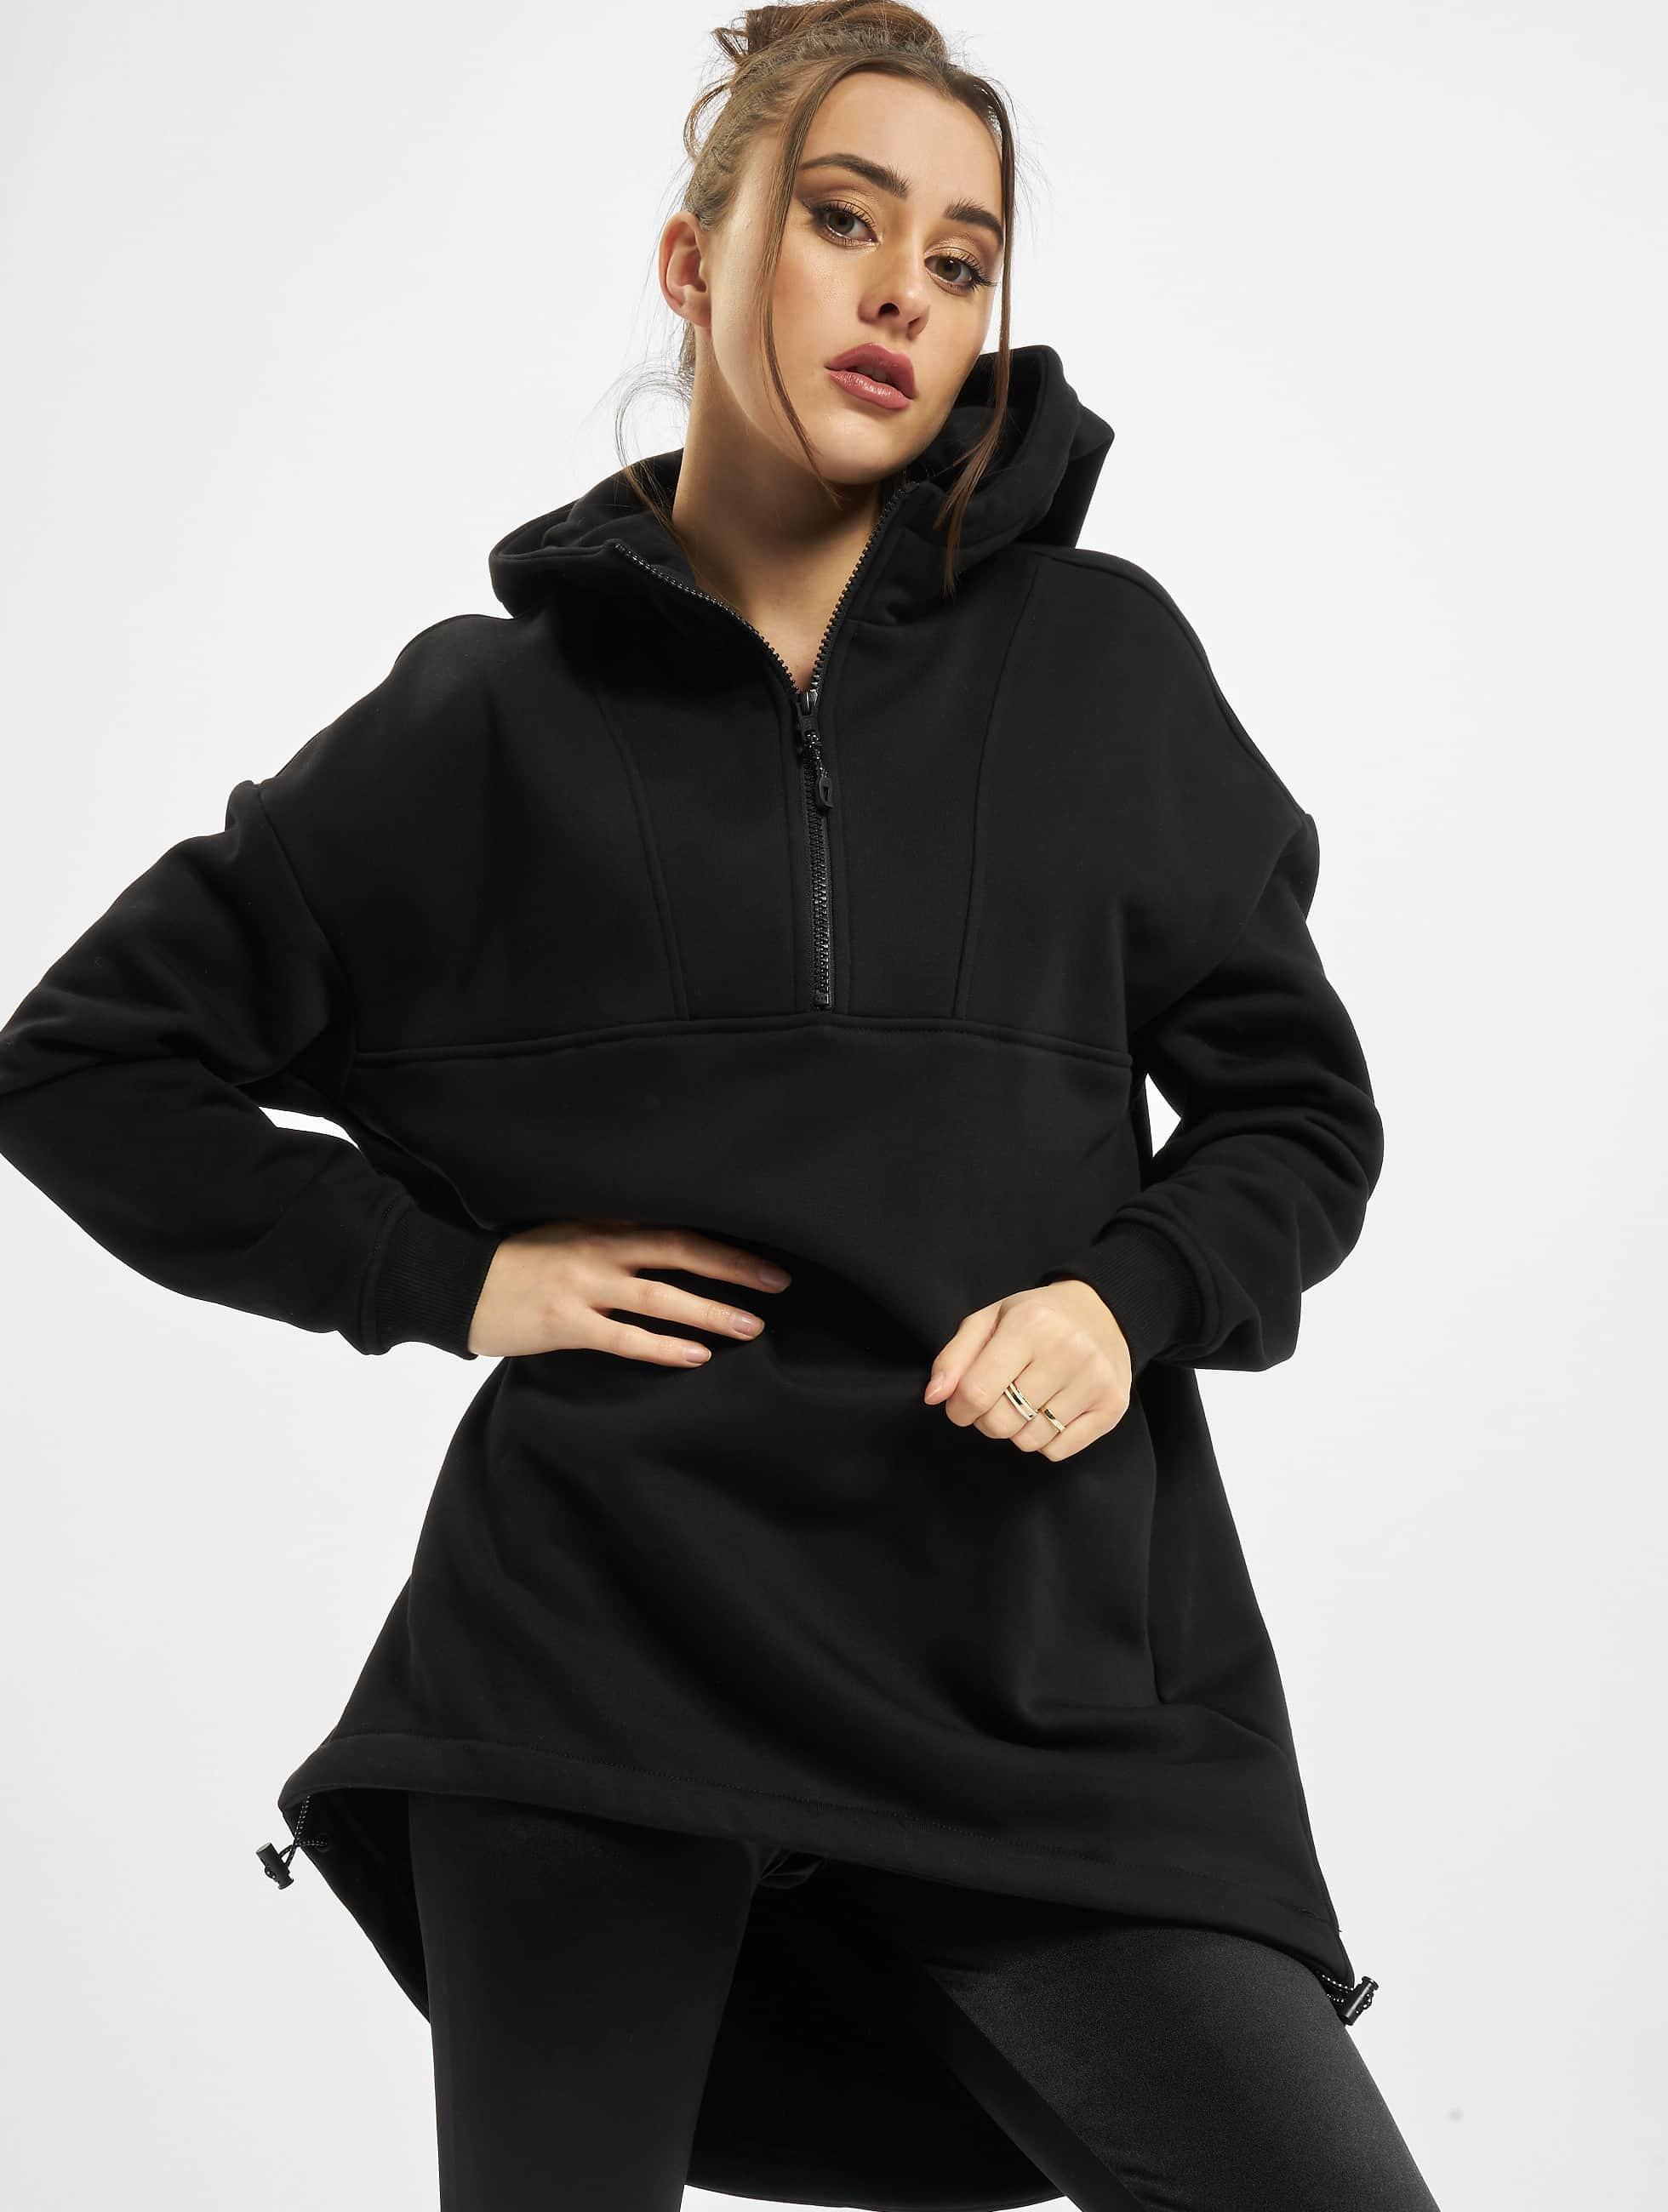 Urban Classics Femmes Hoody Verrouillage Crop différentes couleurs XS S M L XL Neuf